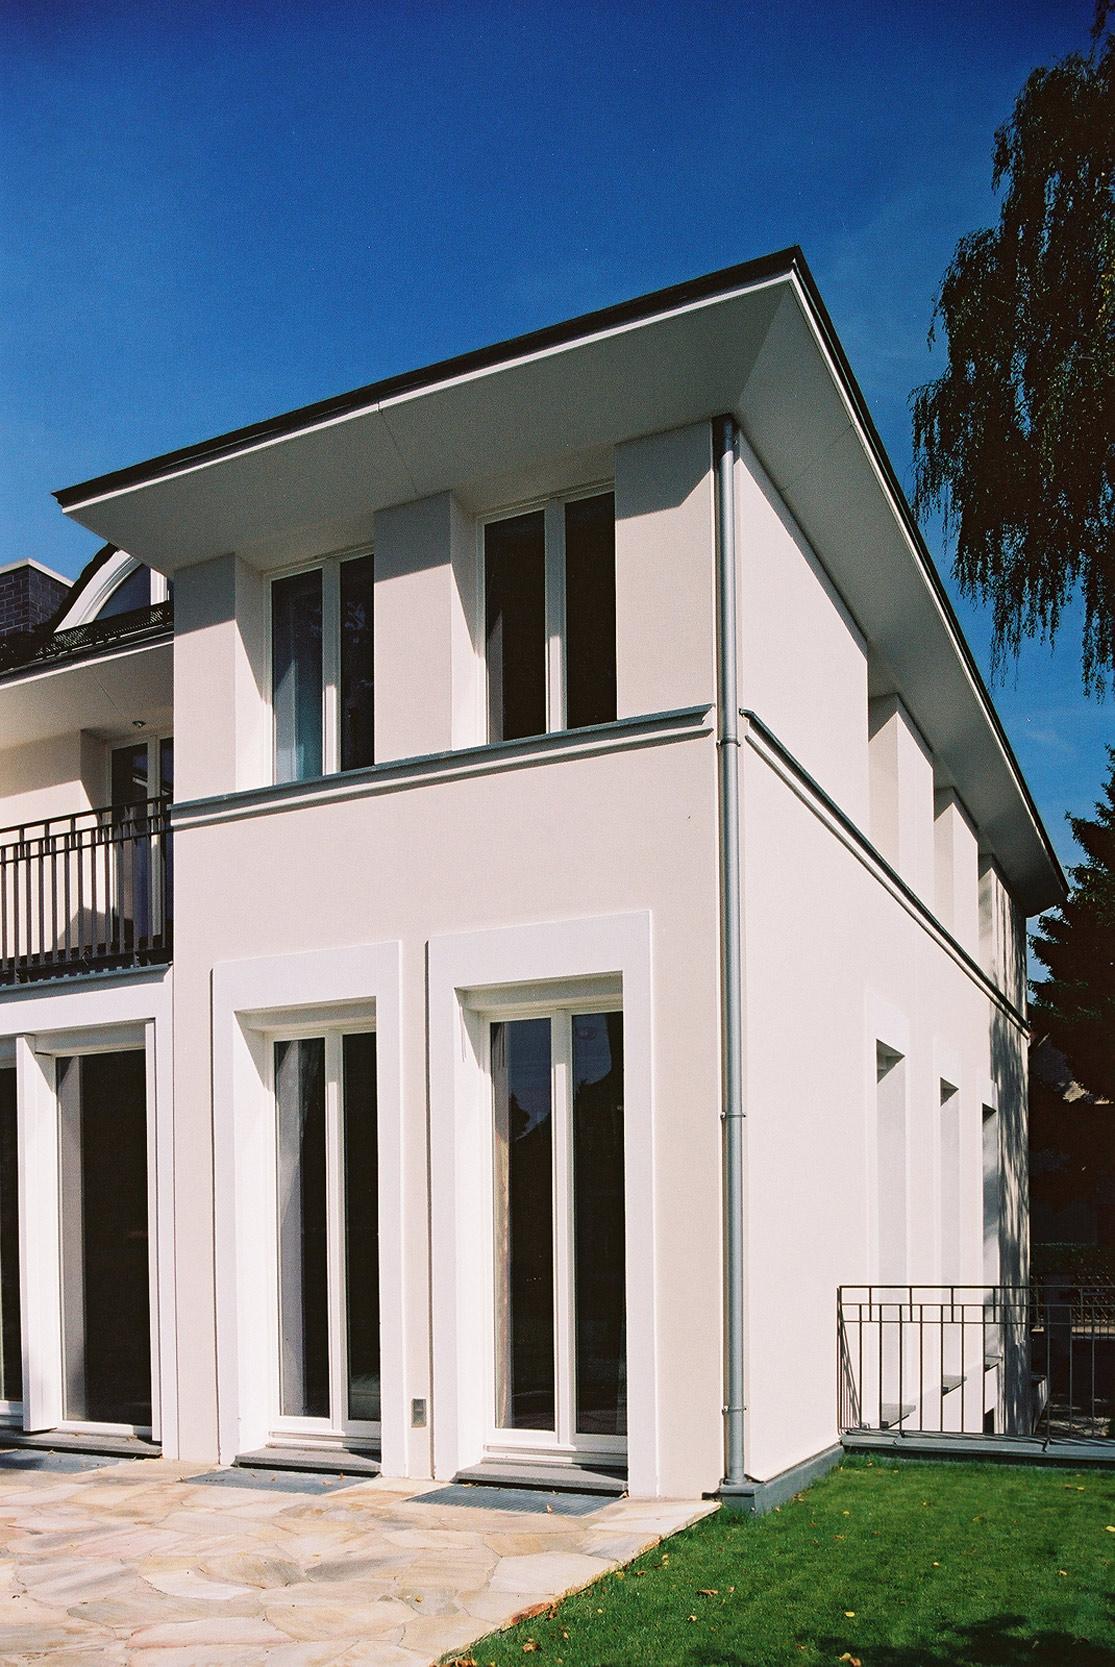 Französische Fenster und eine weit auskragende Attika vergfeinnern die Fassade des Hauses.